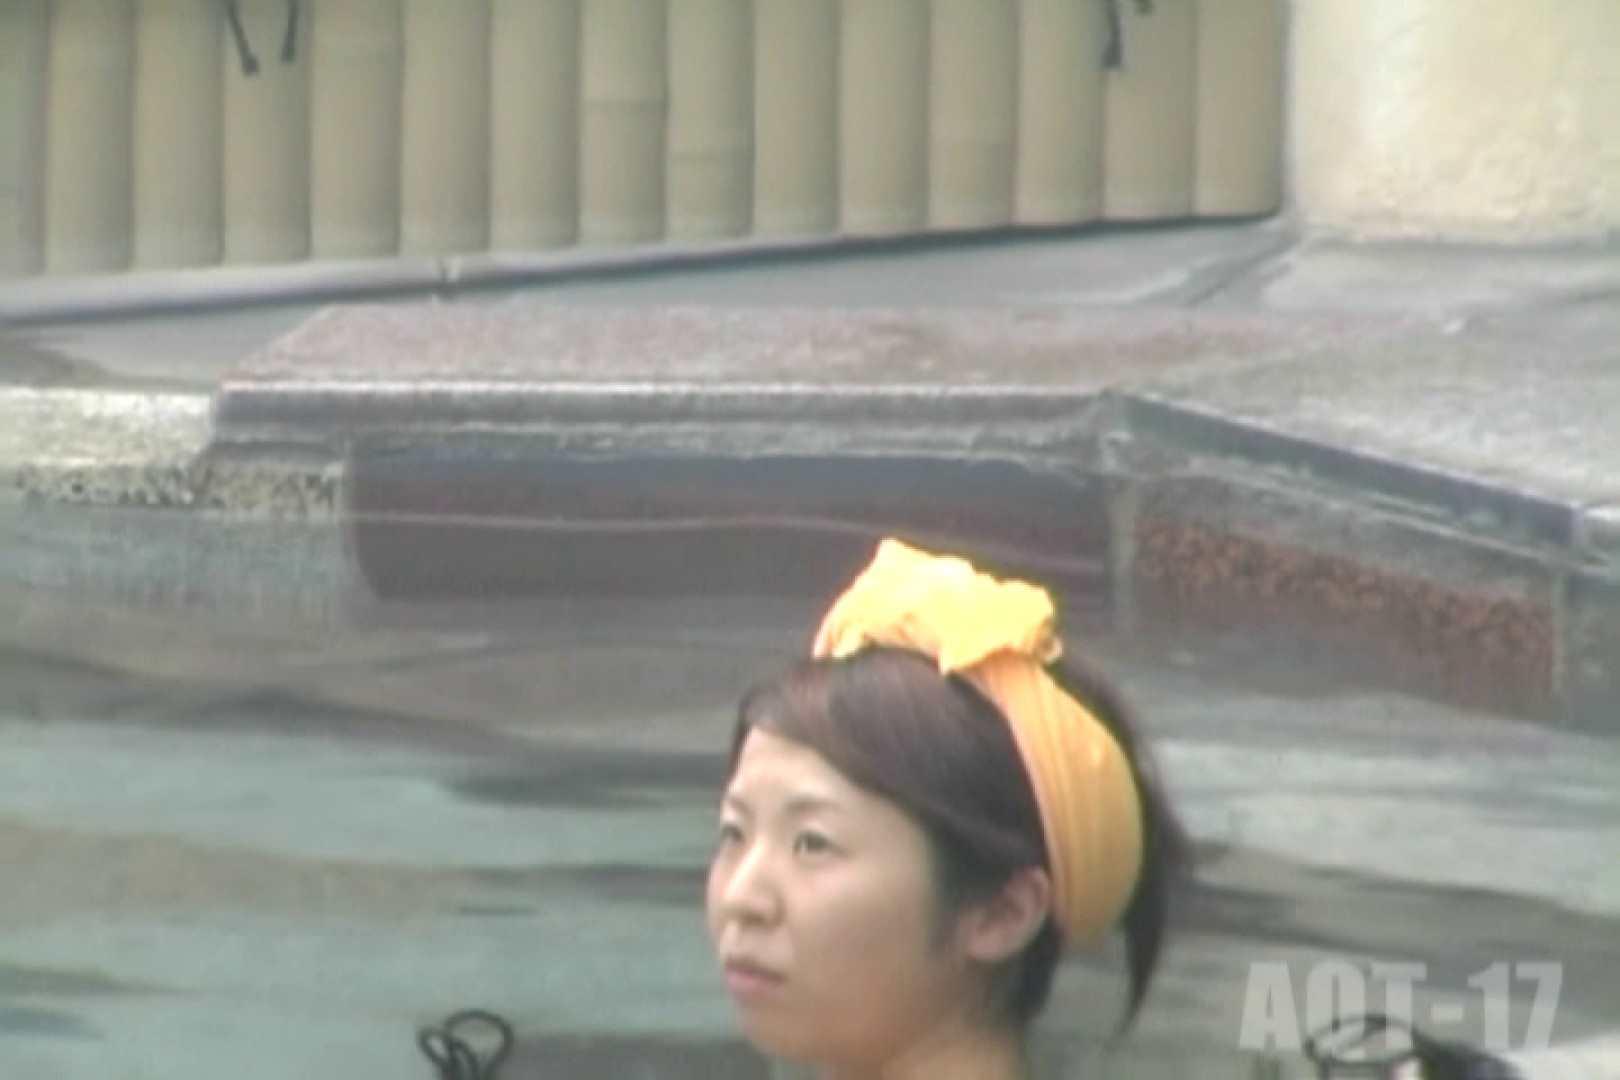 Aquaな露天風呂Vol.851 盗撮師作品 | 美しいOLの裸体  74pic 13